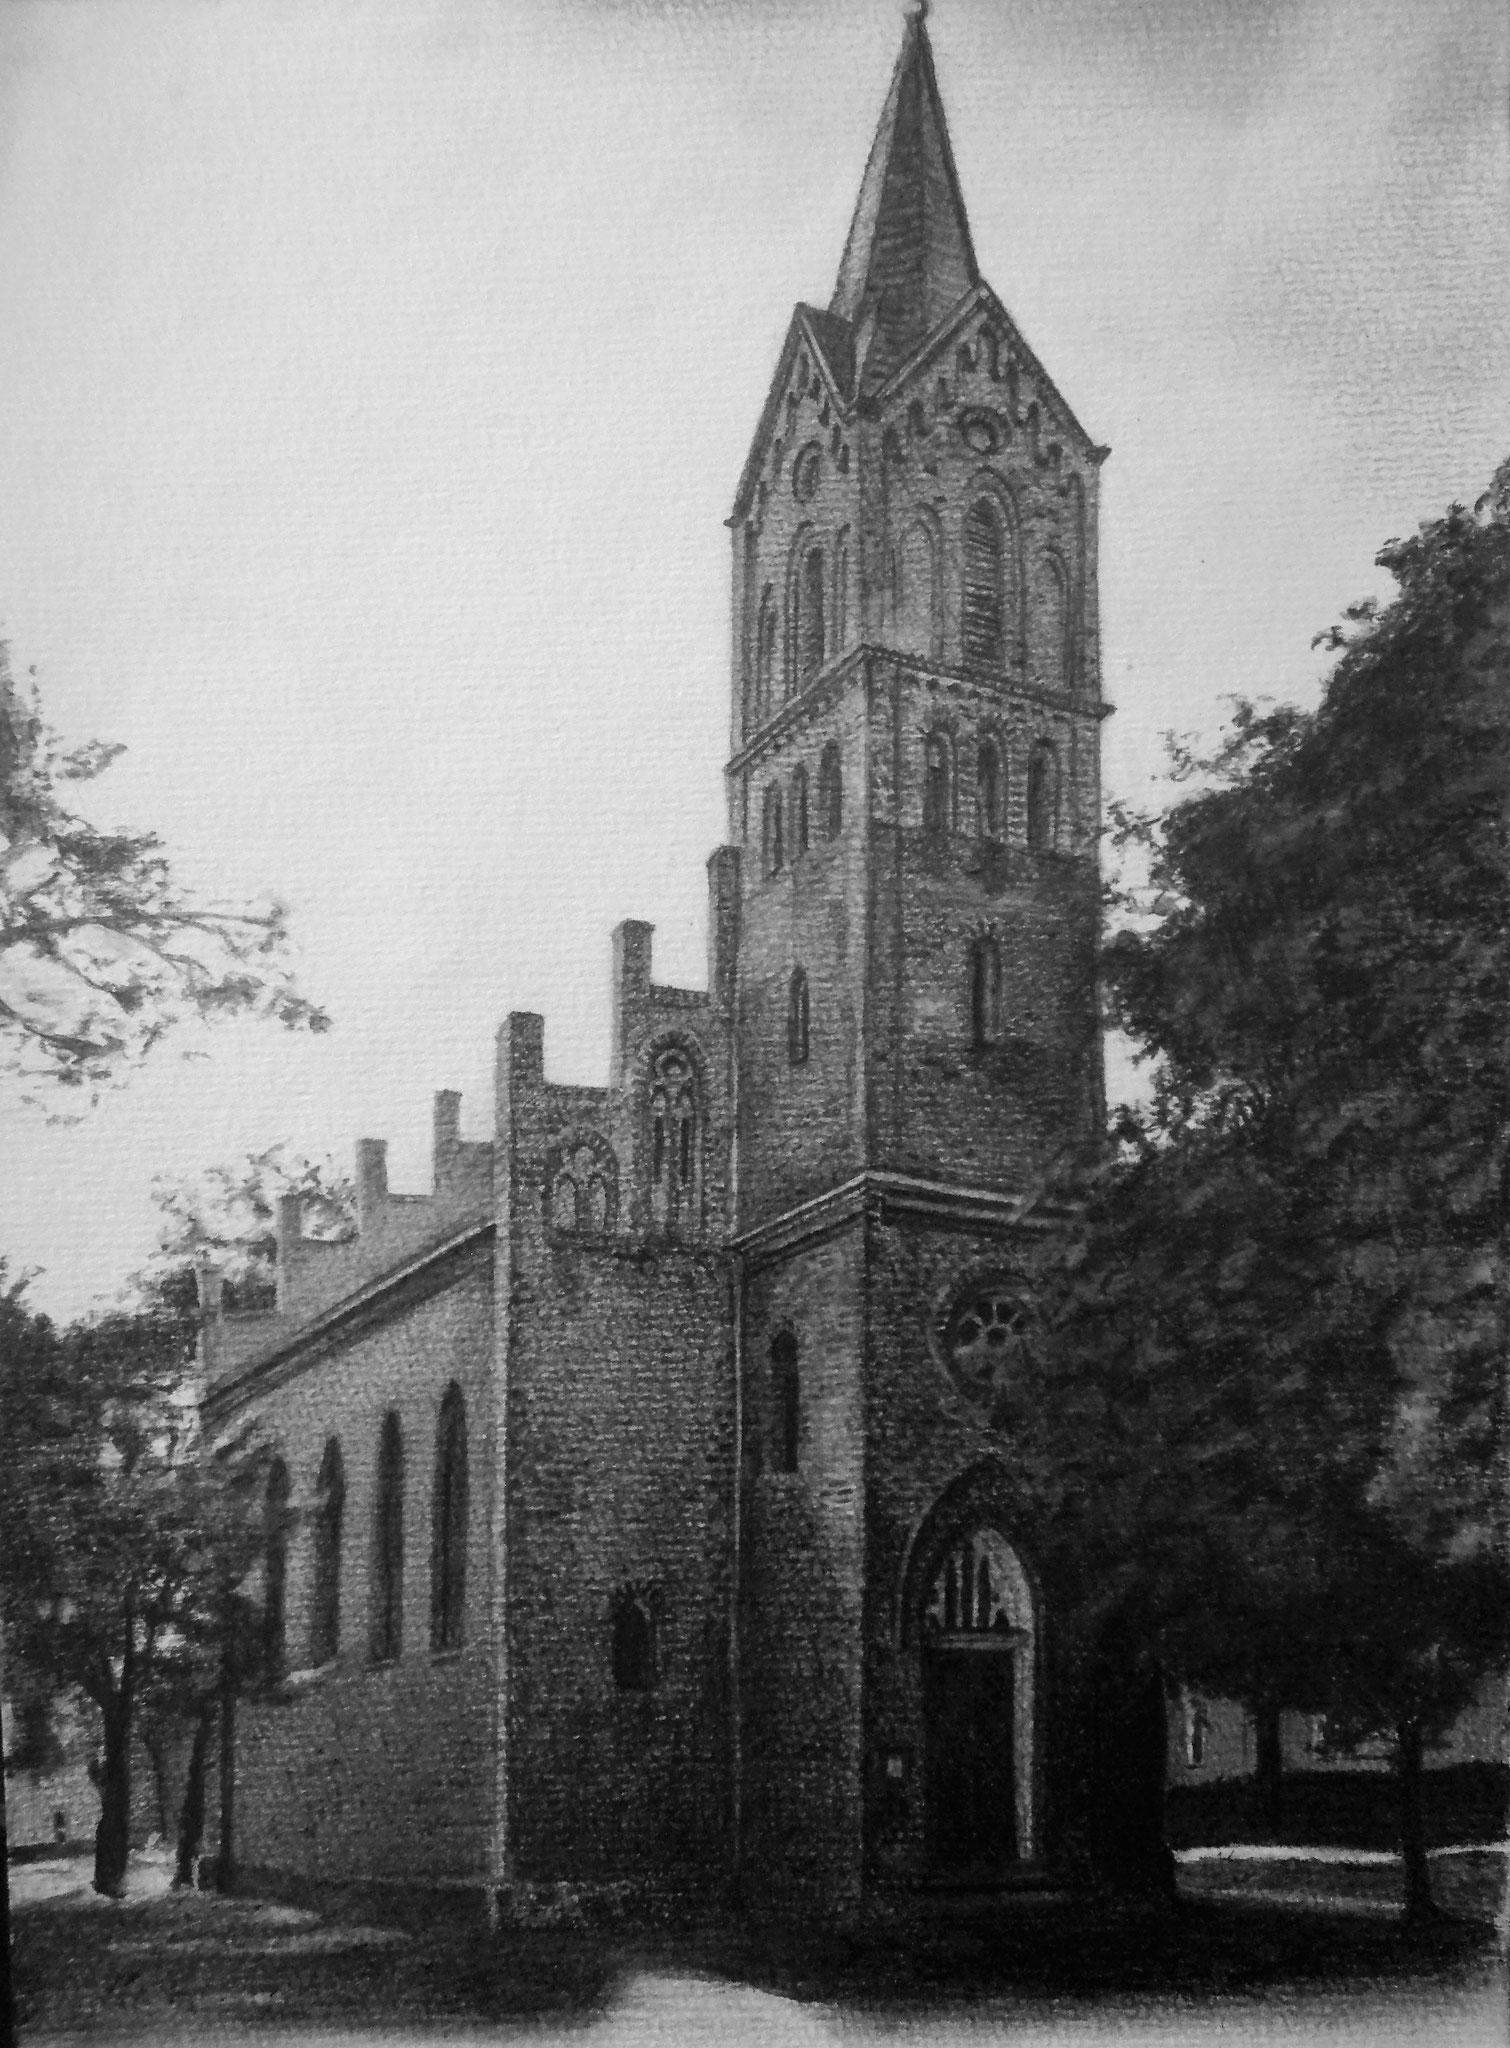 Dorfkirche zu Grüna, Graphit, A4